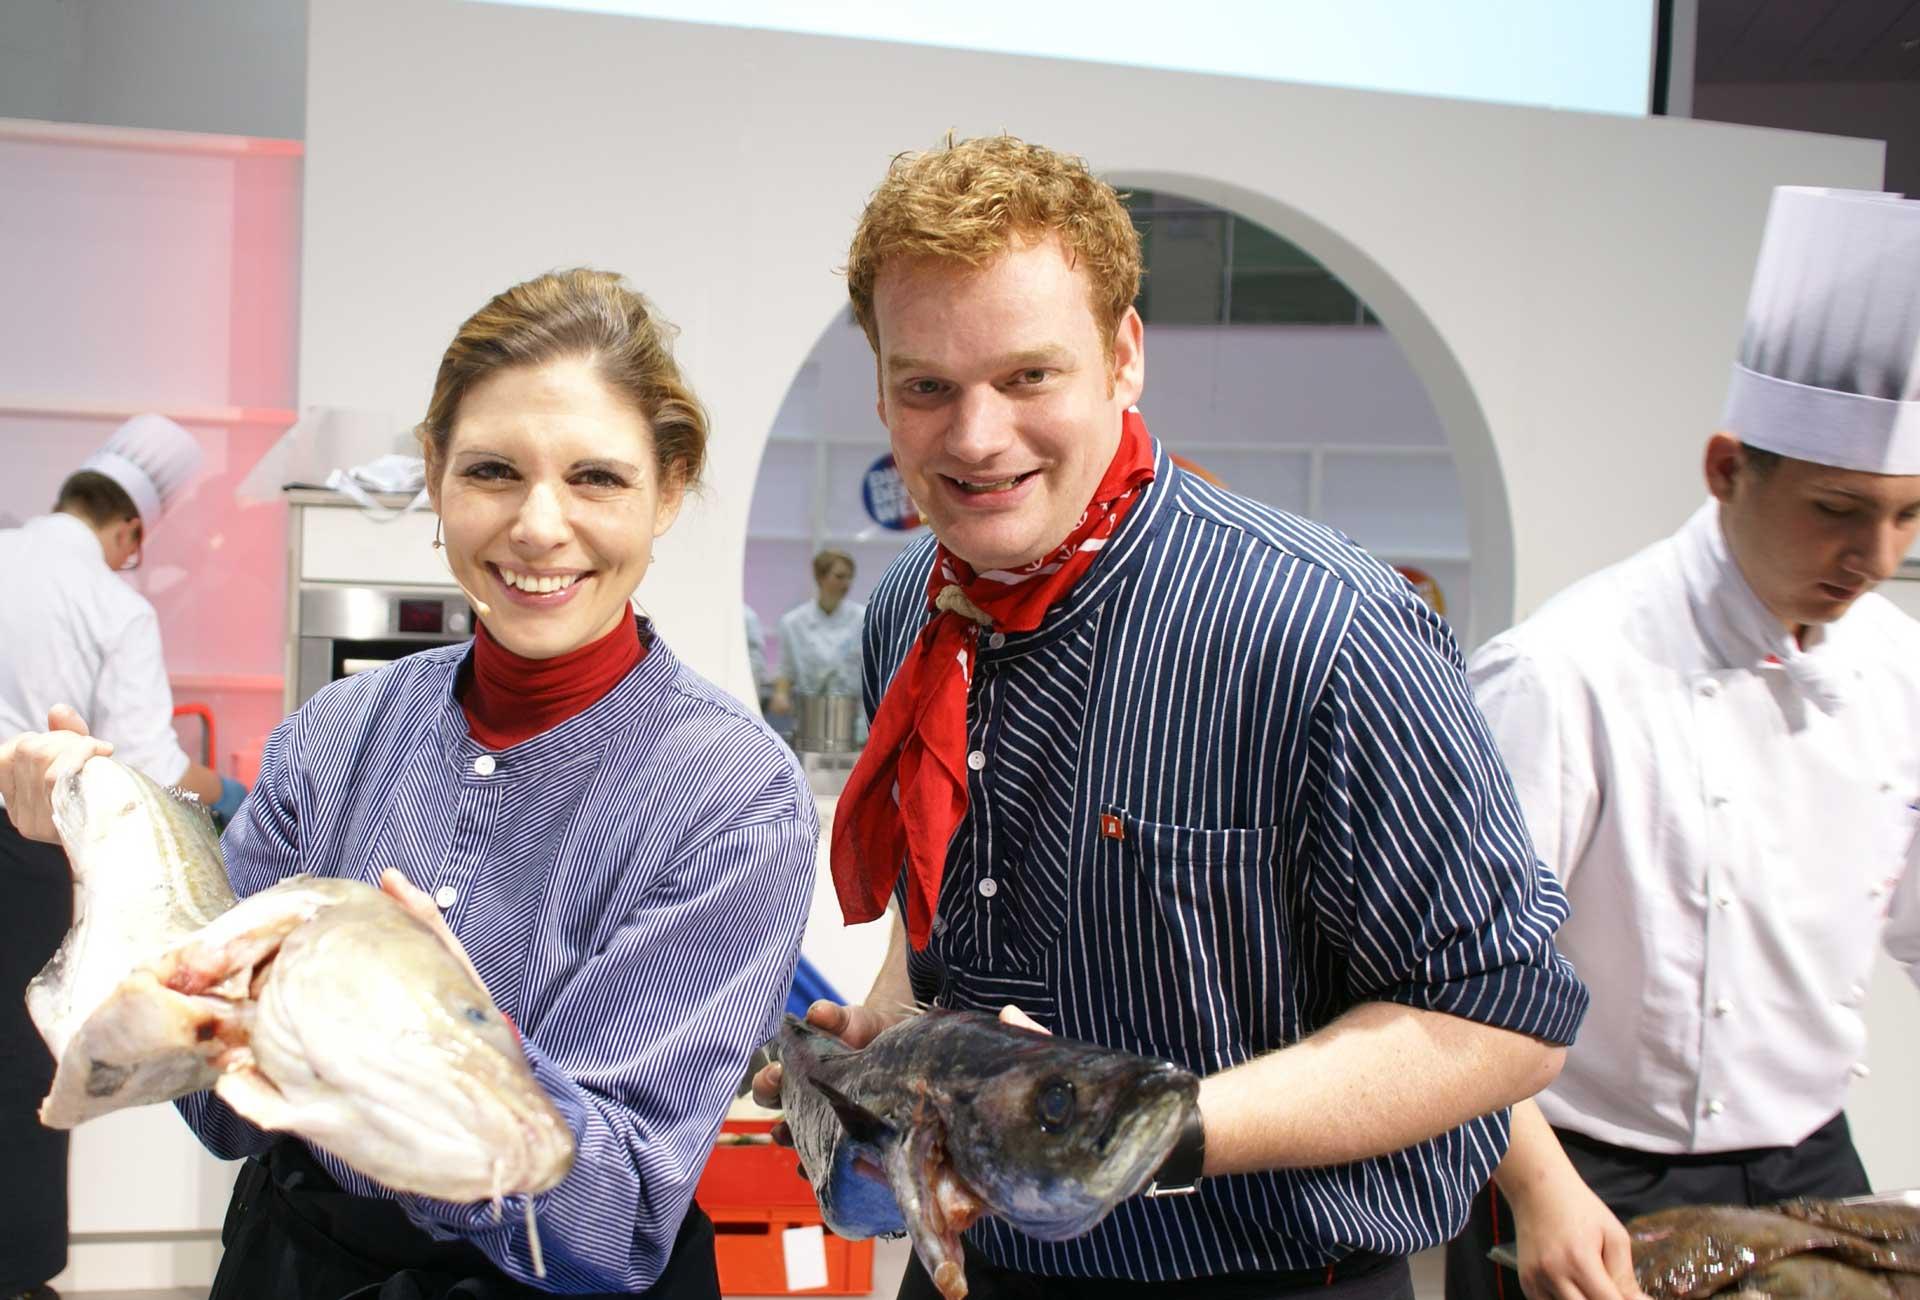 Moderatoren Duo Henning Harfst Stefanie Dreyer moderieren Koch Show